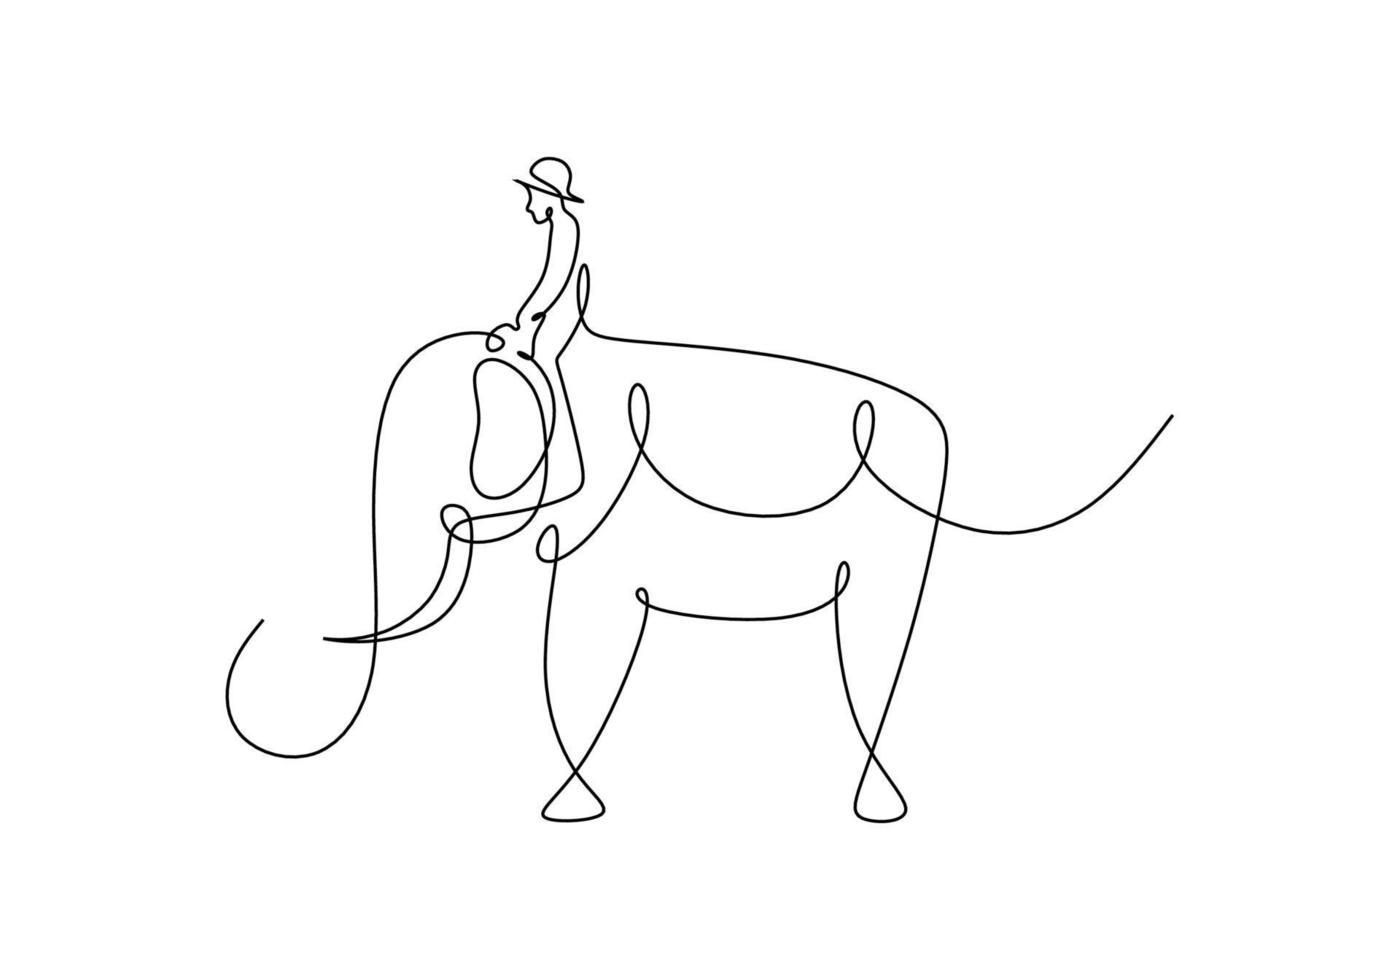 desenho de linha contínua de homem montando elefante vetor